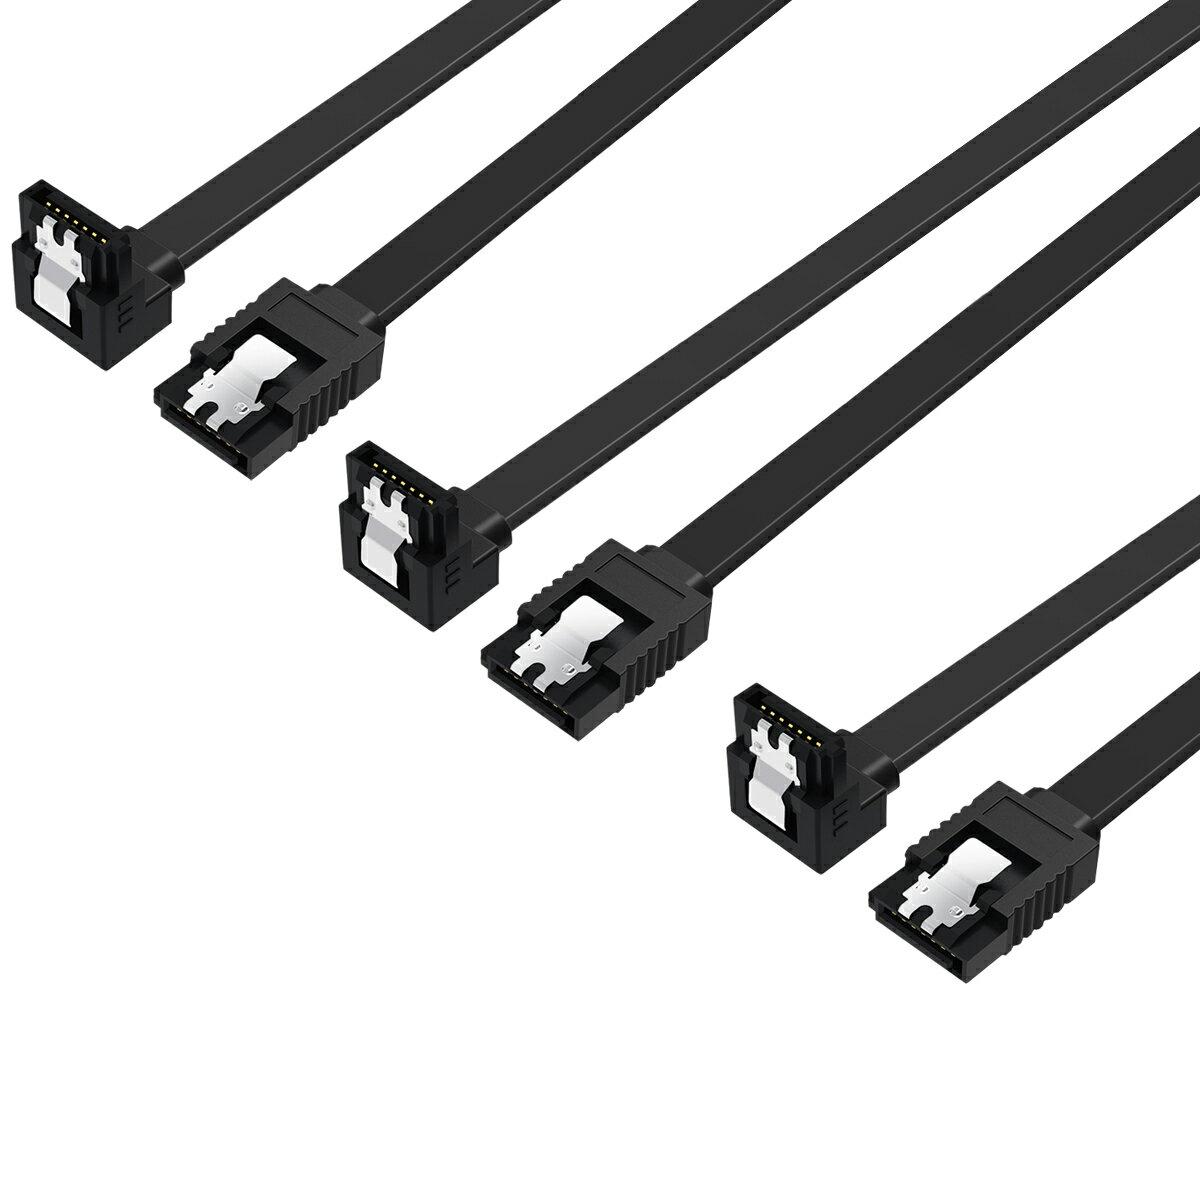 【送料無料 3本セット】 SATA ケーブル L型 ラッチ付き シリアルATA3ケーブル 6Gbps対応 SSD/HDD増設 抜け落ち防止 45cm SATA3 ケーブル